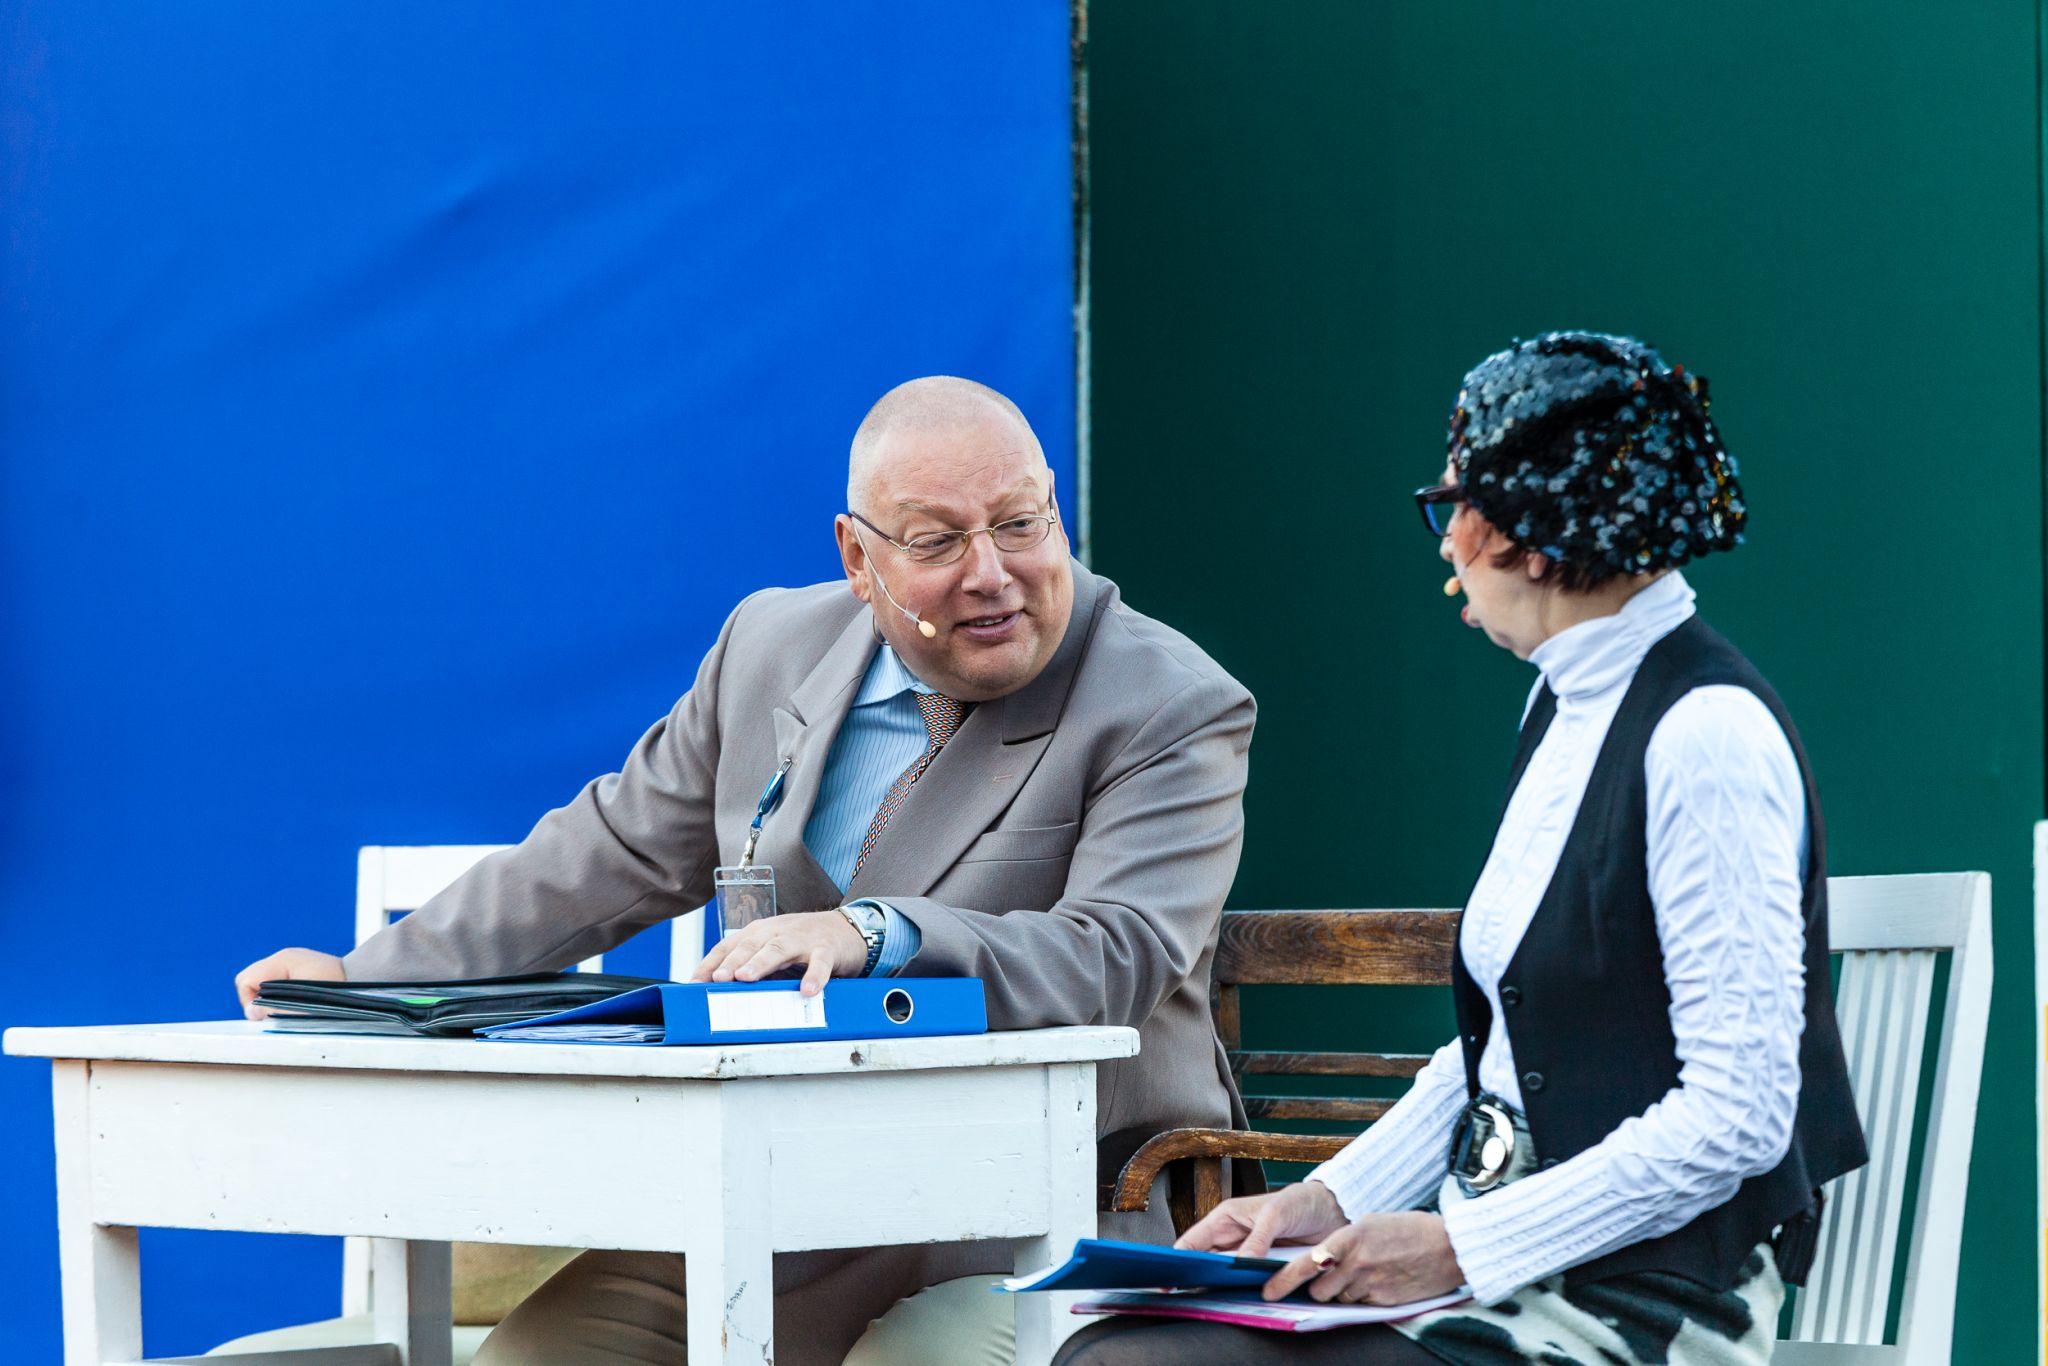 """Näitleja Peeter Kaljumäe: """"Elagu eurotoetused"""" on tugevalt satiiriline tükk ja inimesed naeravad kogu südamest"""